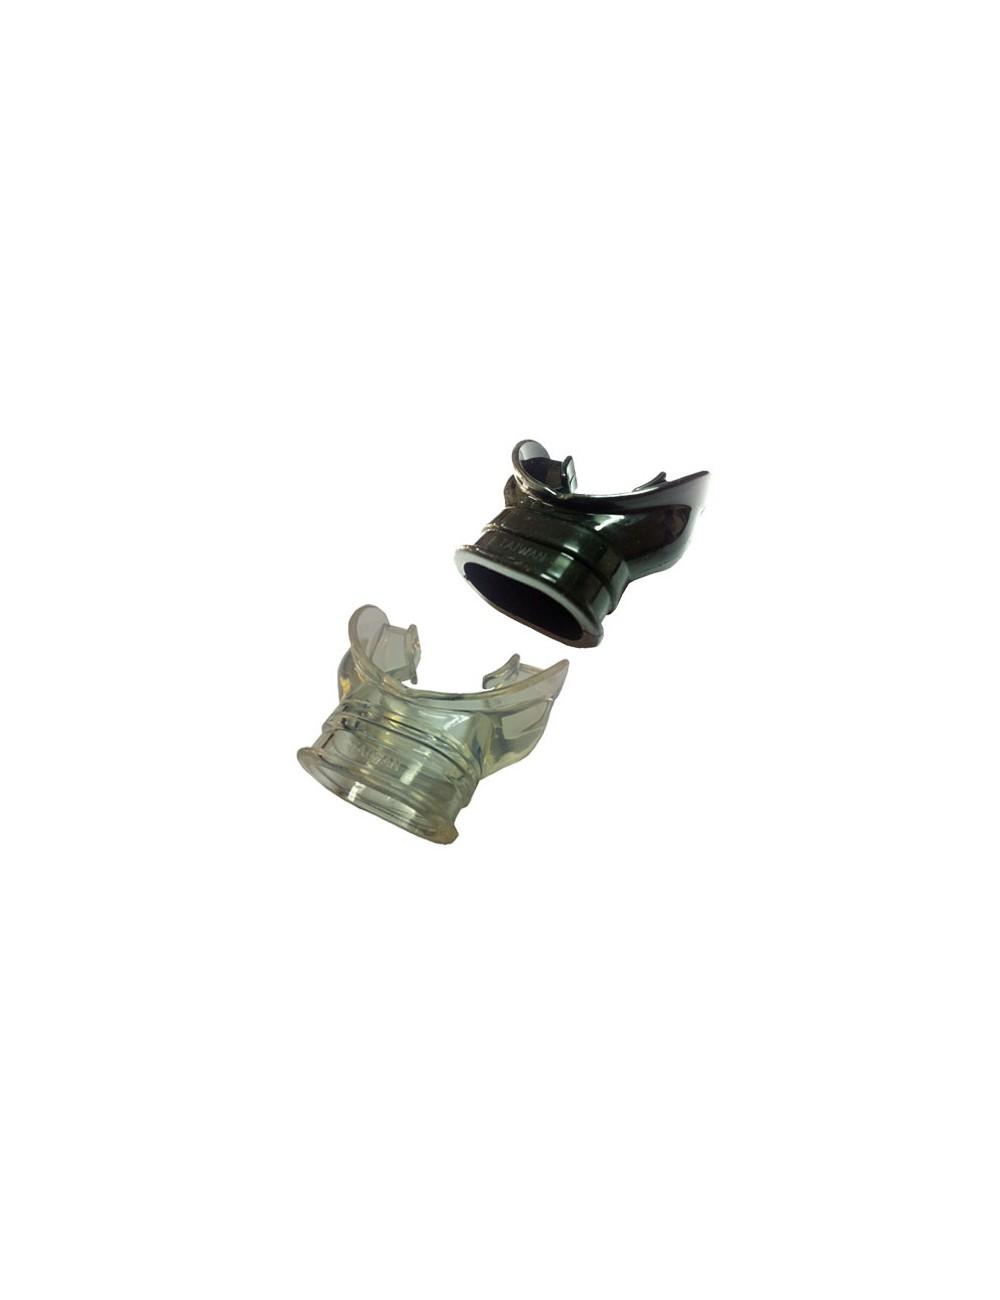 Pandiki Herramientas de reparaci/ón del carburador Kit carburador de reemplazo para KVF 300 KVF300 1999-2002 Prairie